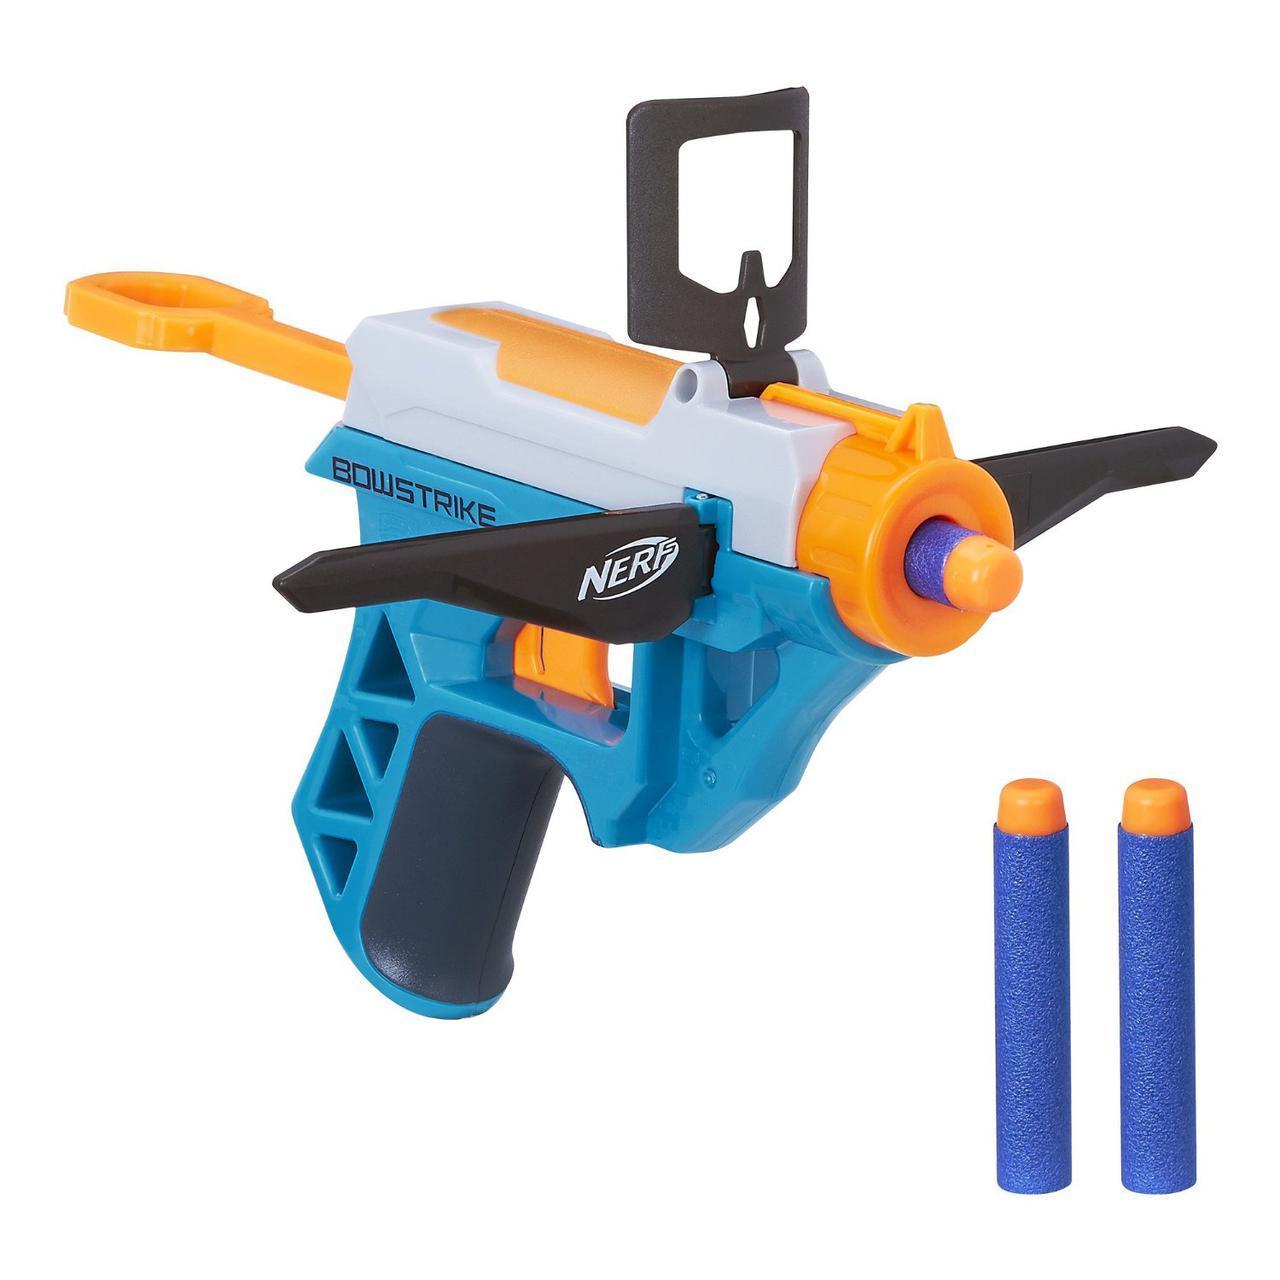 Бластер Нерф Мини-арбалет БоуСтрайк Nerf N-Strike BowStrike Blaster